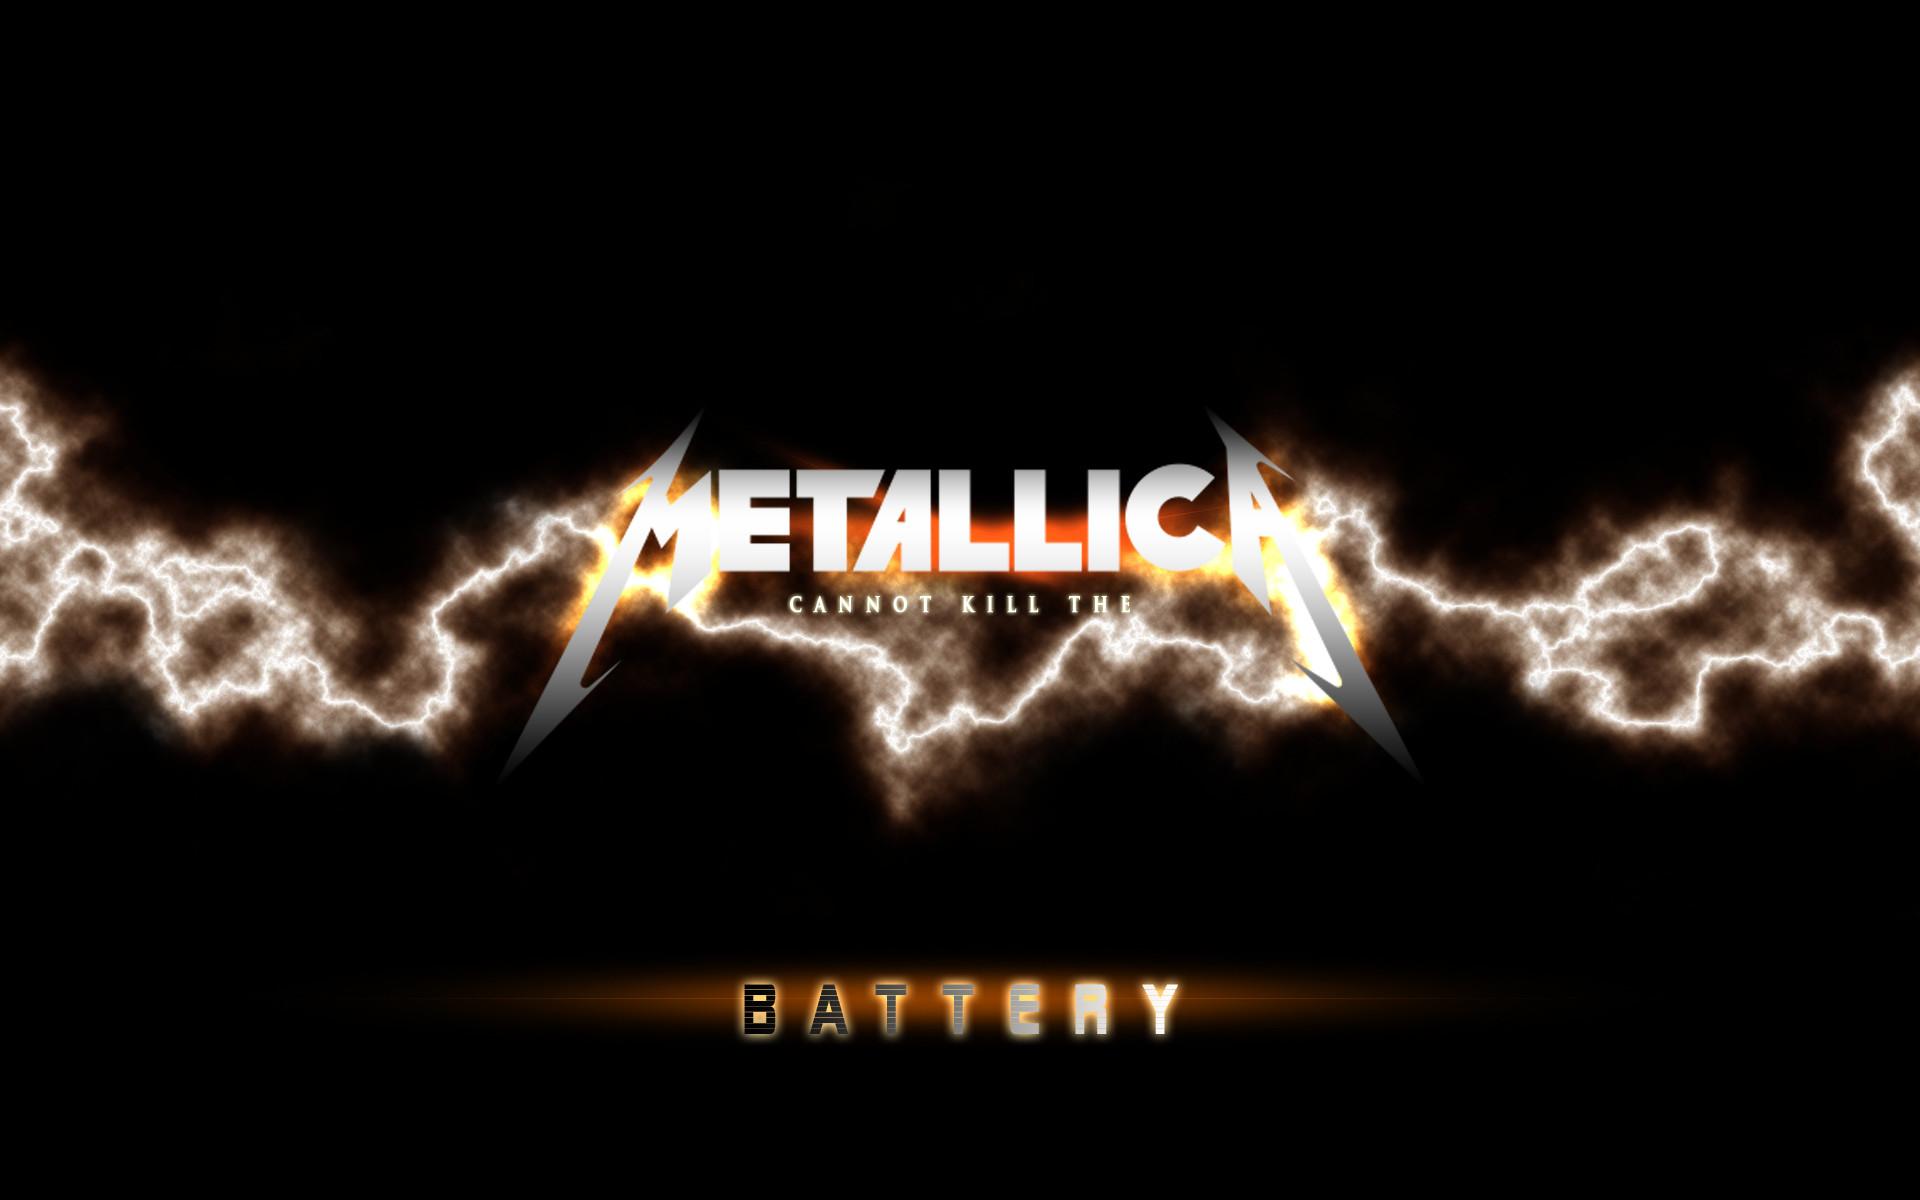 Metallica Wallpaper IPhone (50+ Images